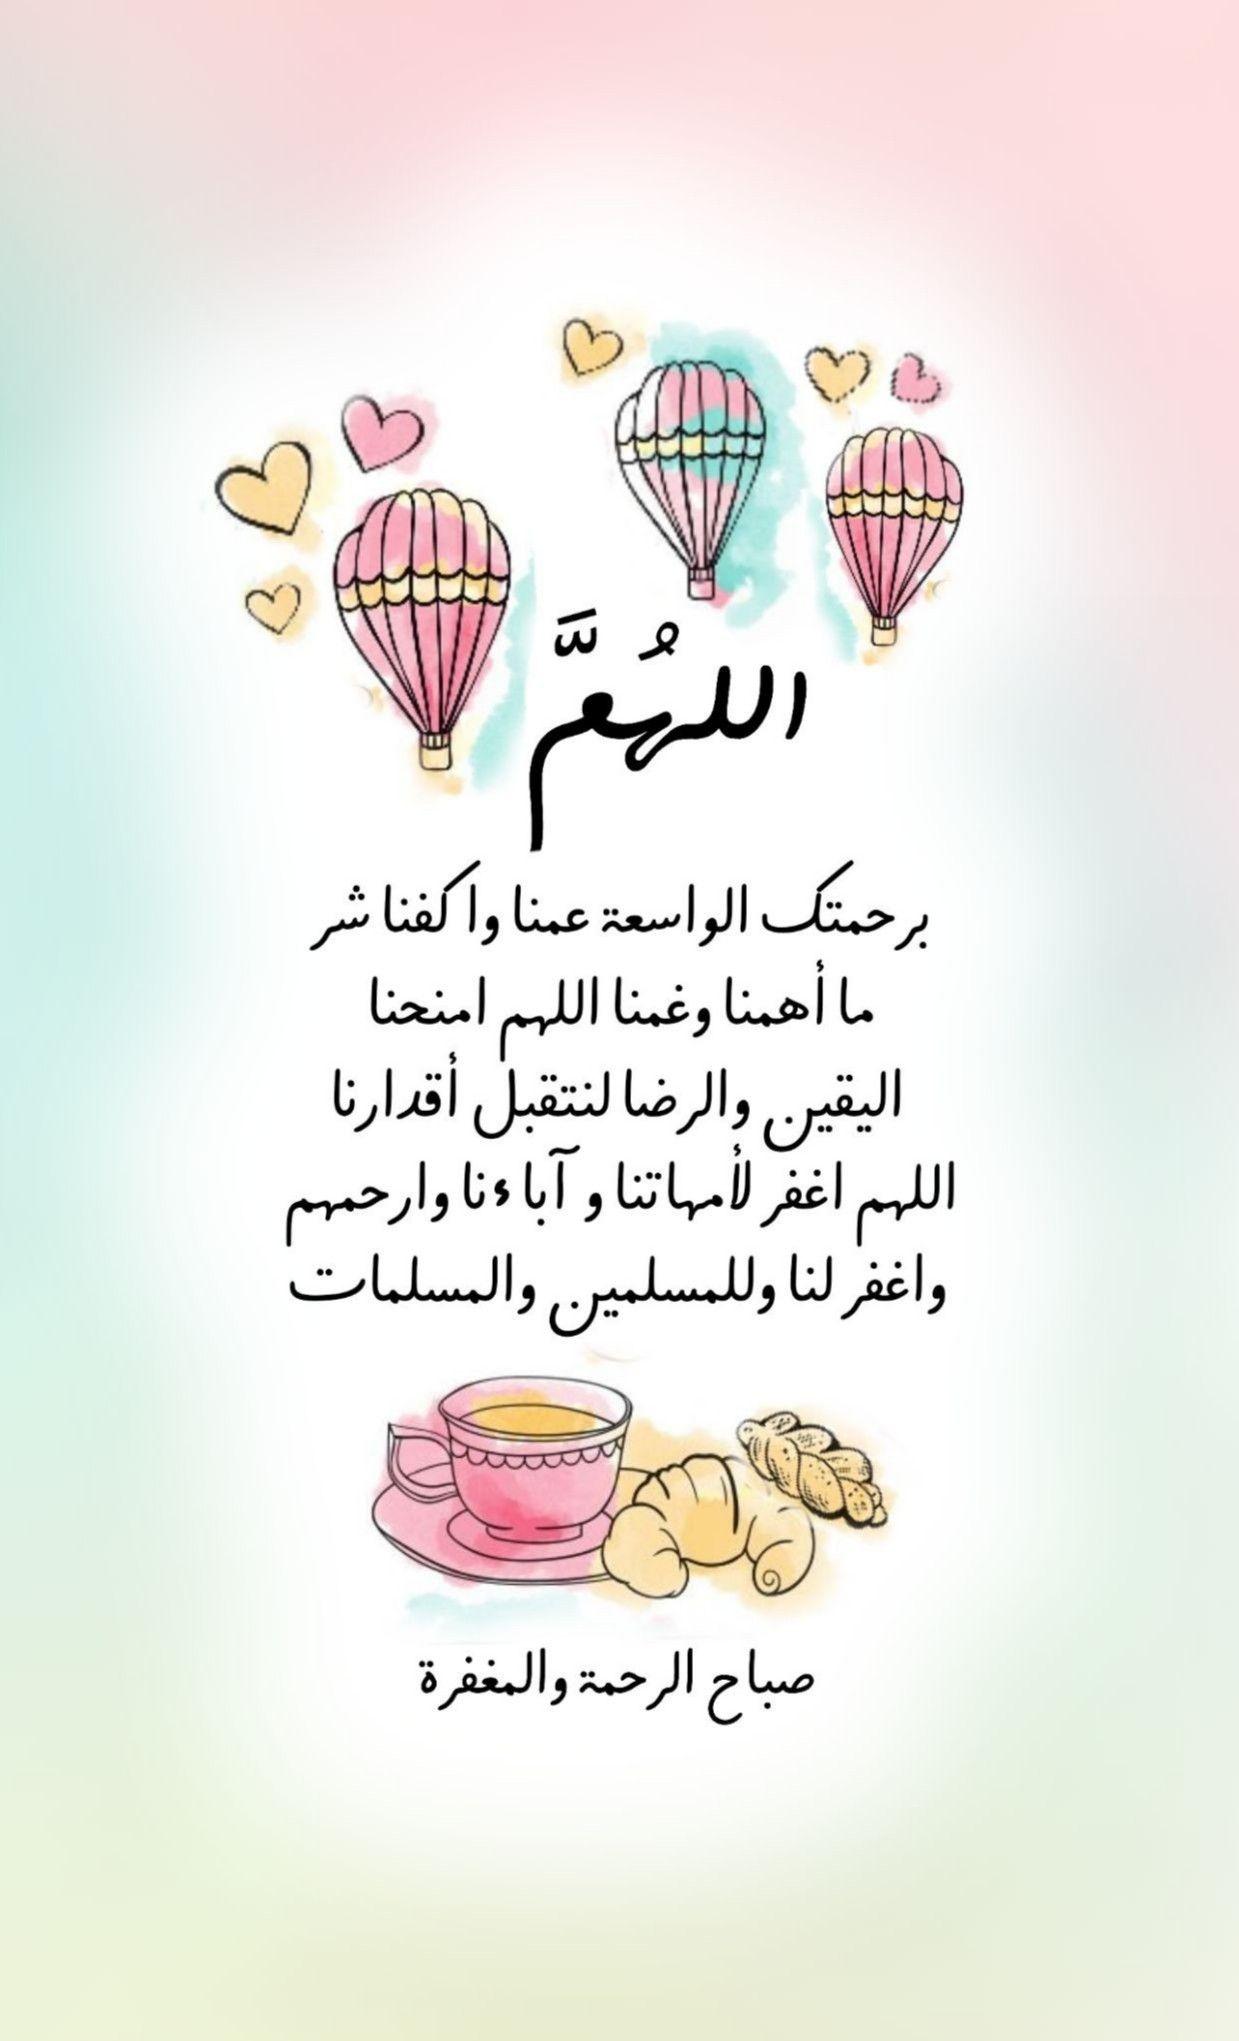 الله م برحمتك الواسعة عمنا واكفنا شر ما أهمنا وغمنا اللهم امنحنا اليقين والرضا لنتقبل أقدارنا Good Morning Arabic Good Morning Greetings Quran Verses